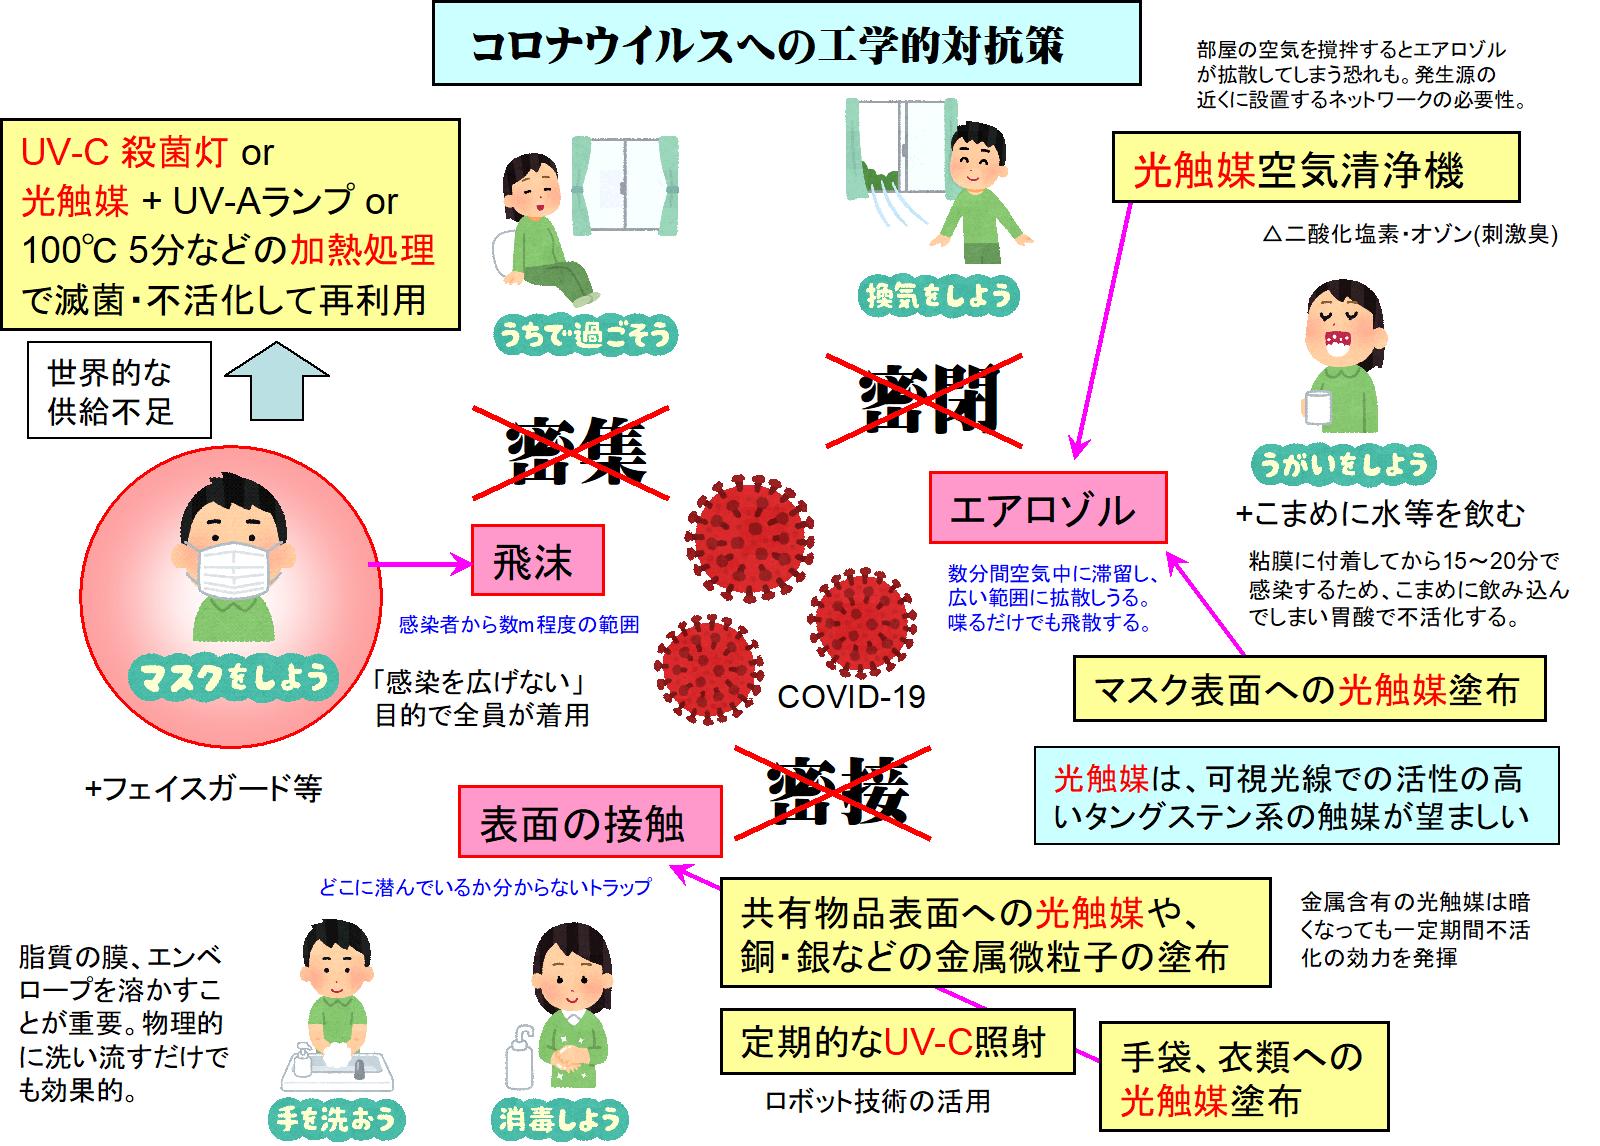 ウイルス 胃酸 コロナ 新型コロナウイルス感染症に備えて ~一人ひとりができる対策を知っておこう~